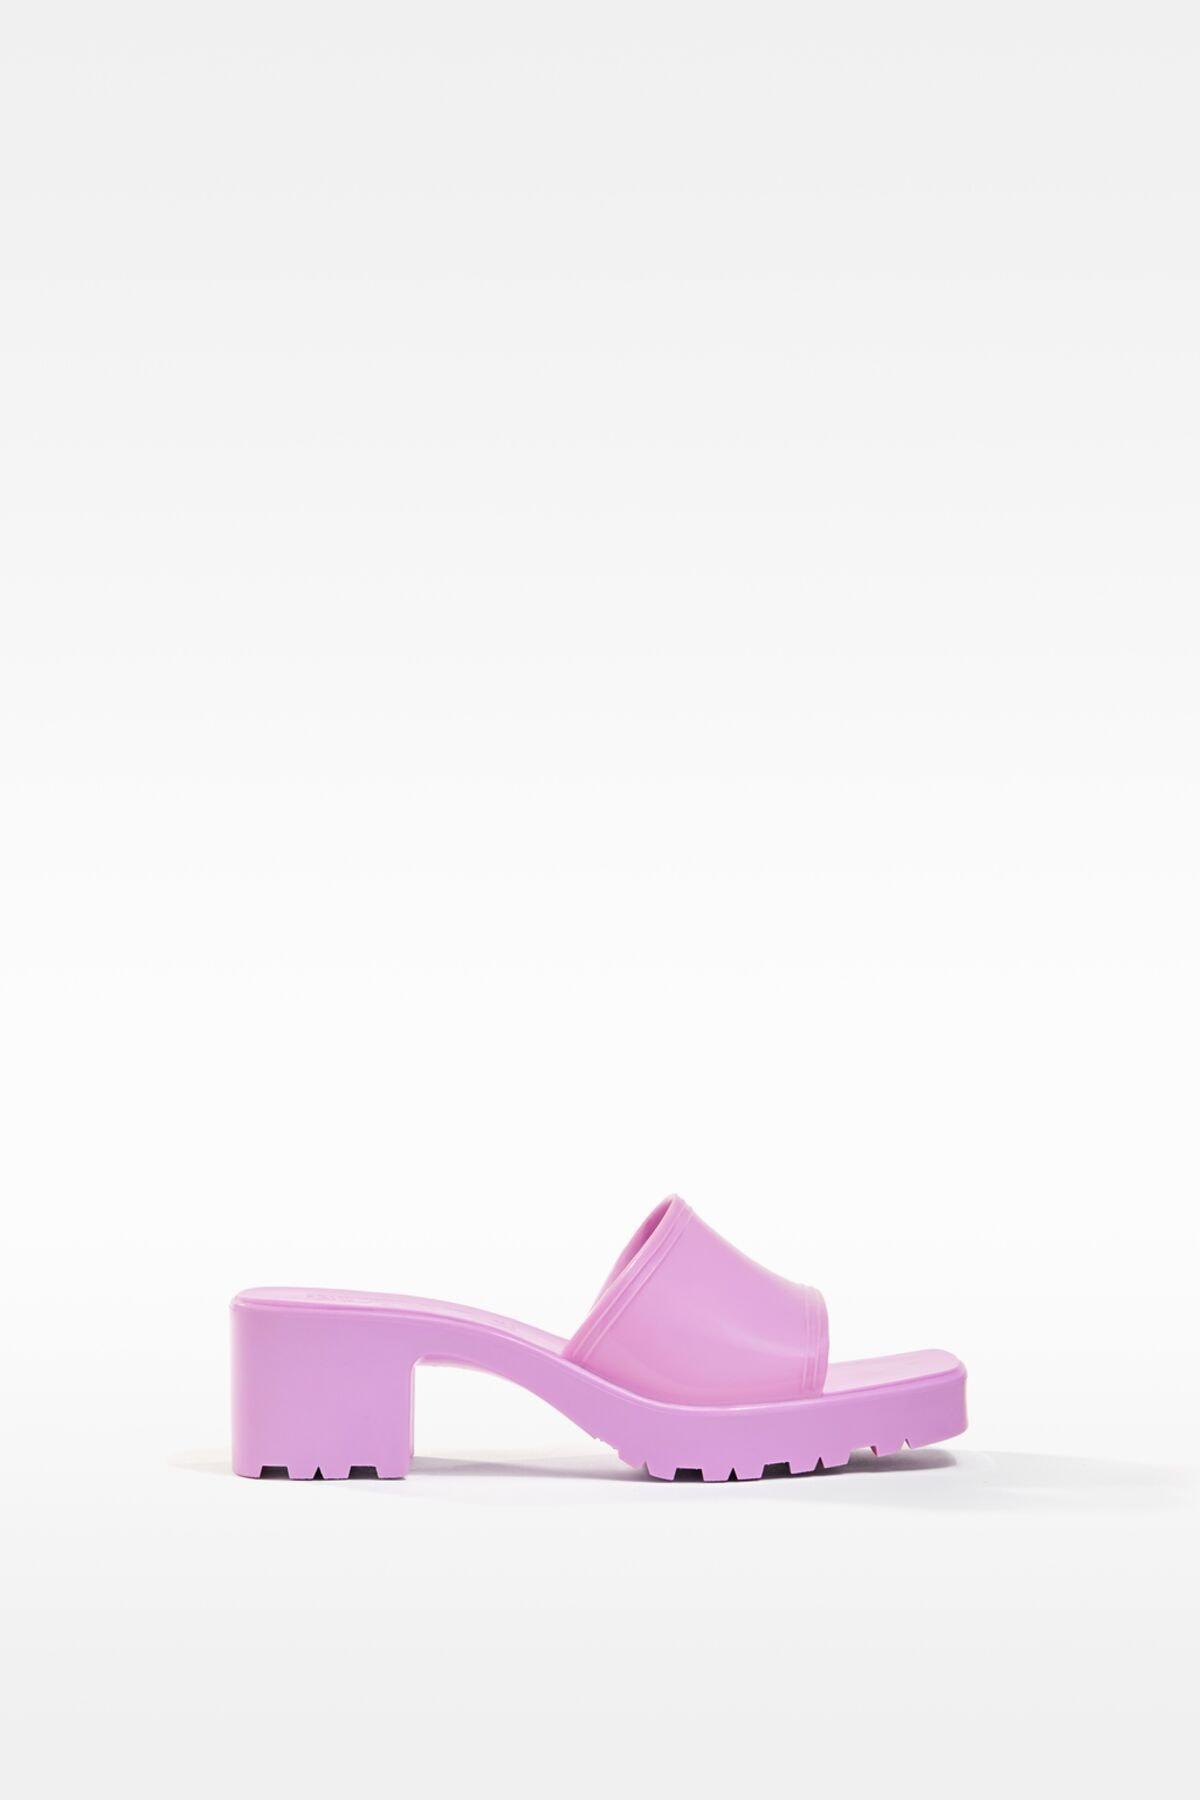 Bershka Kadın Koyu Mor Parlak Topuklu Sandalet 11721760